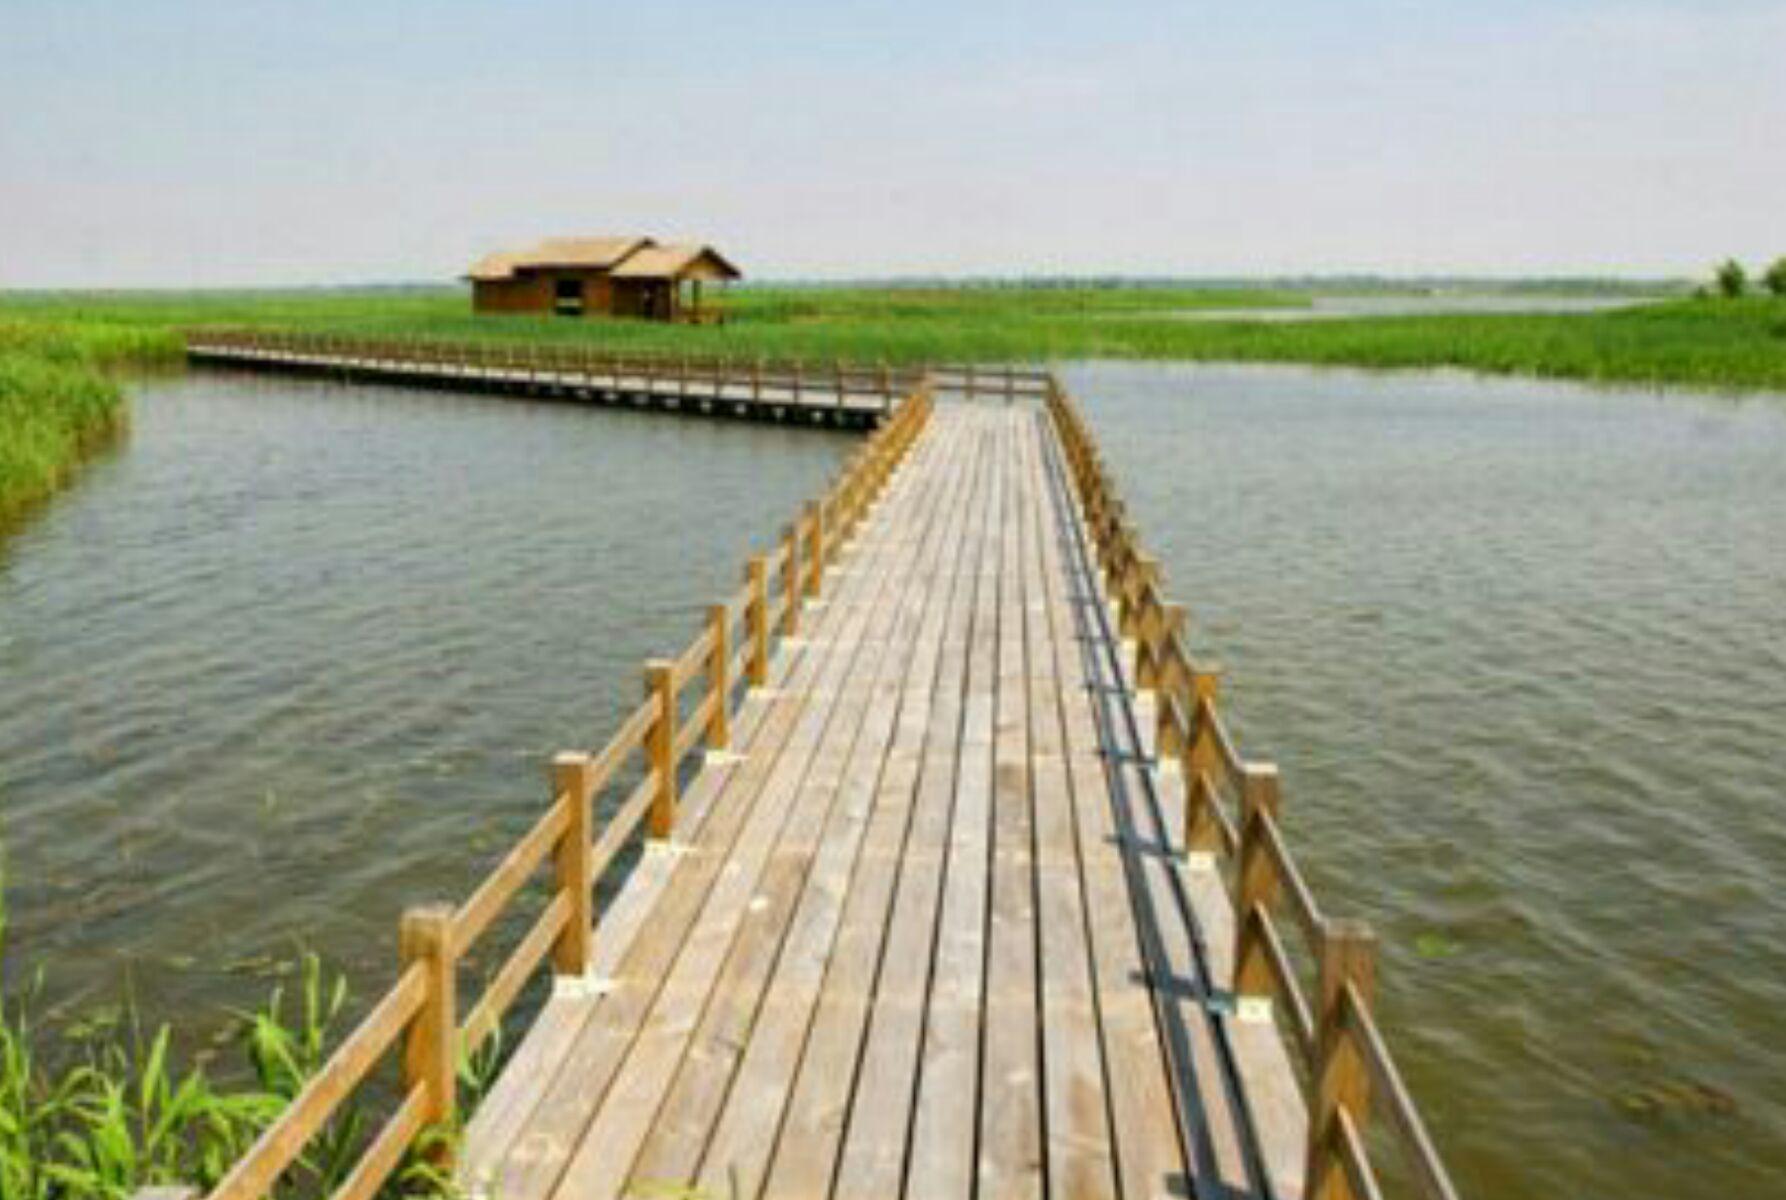 候鸟的天堂丨走进杭州湾国家湿地公园感受生态自然之美!